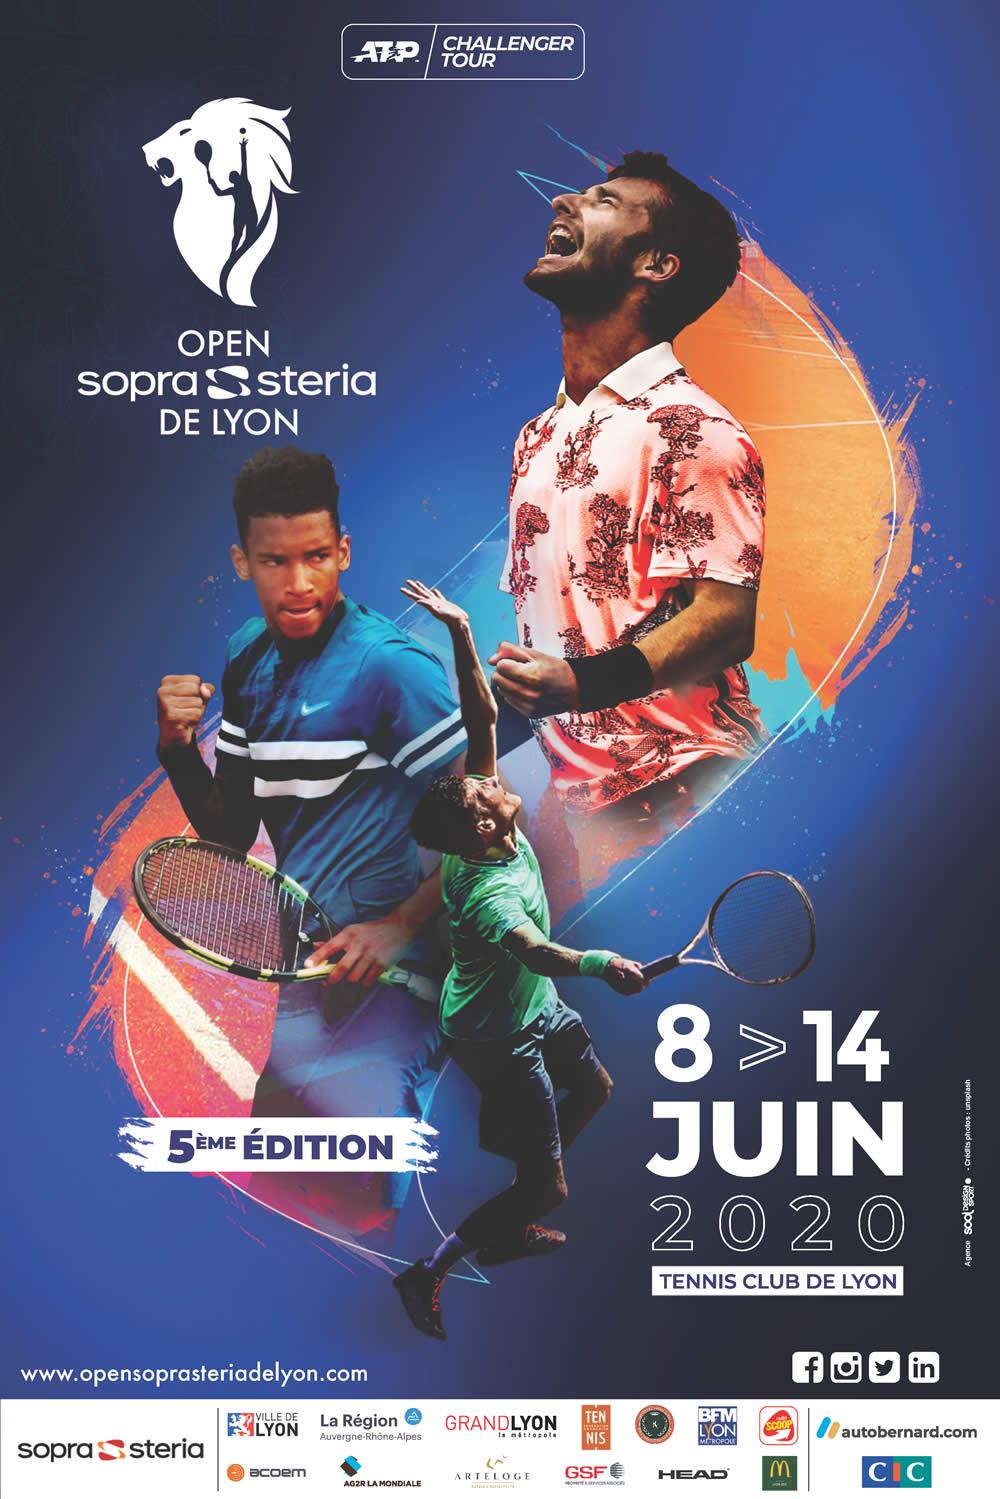 Exclu : voici la nouvelle affiche de l'Open Sopra Steria 2020 !